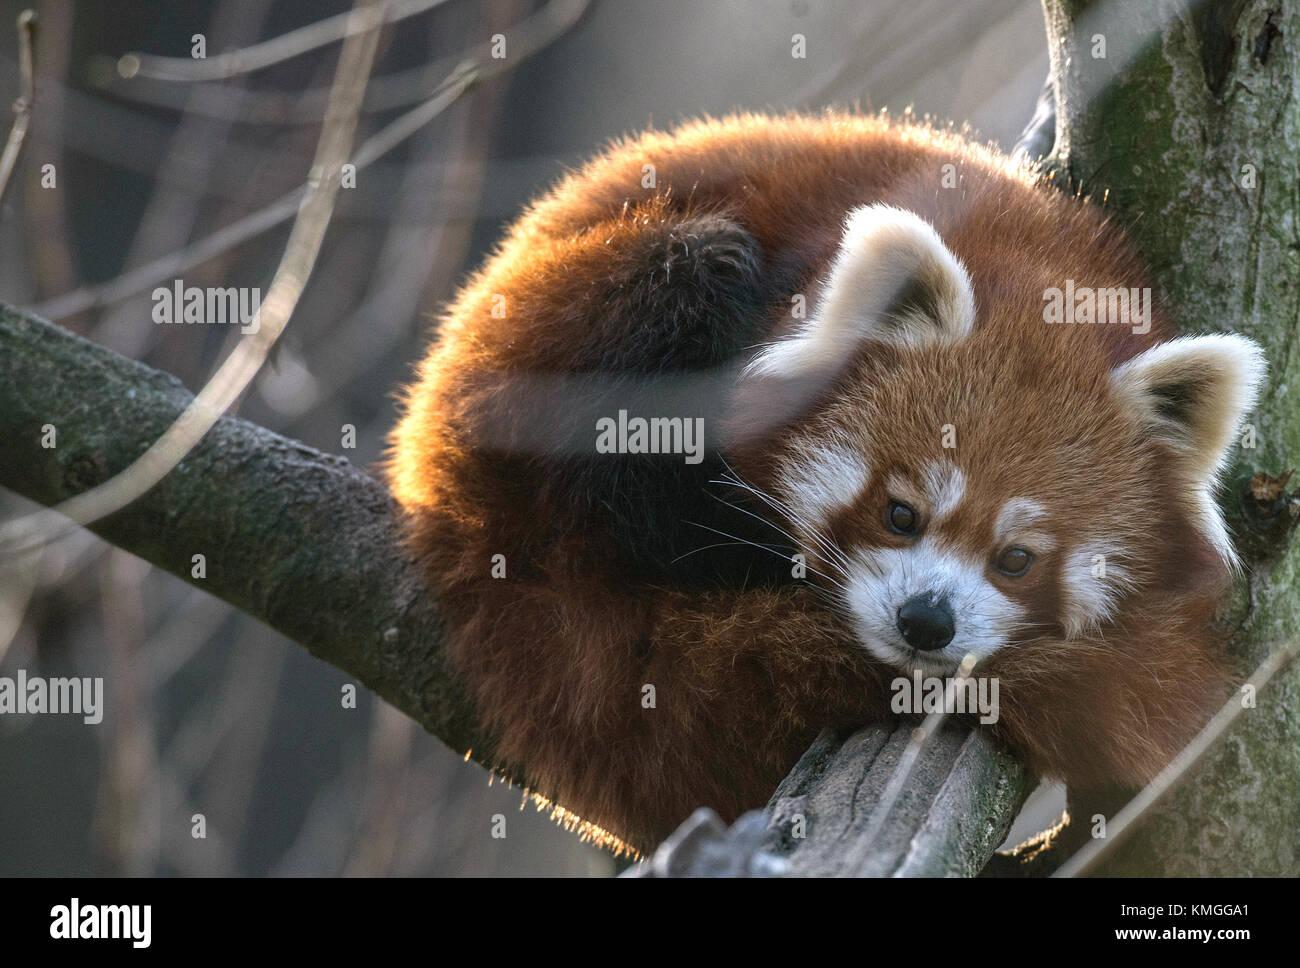 Berlin, Deutschland. 7 Dez, 2017. Ein roter Panda auf einem Ast in seinem Käfig im Zoo in Berlin, Deutschland Stockbild